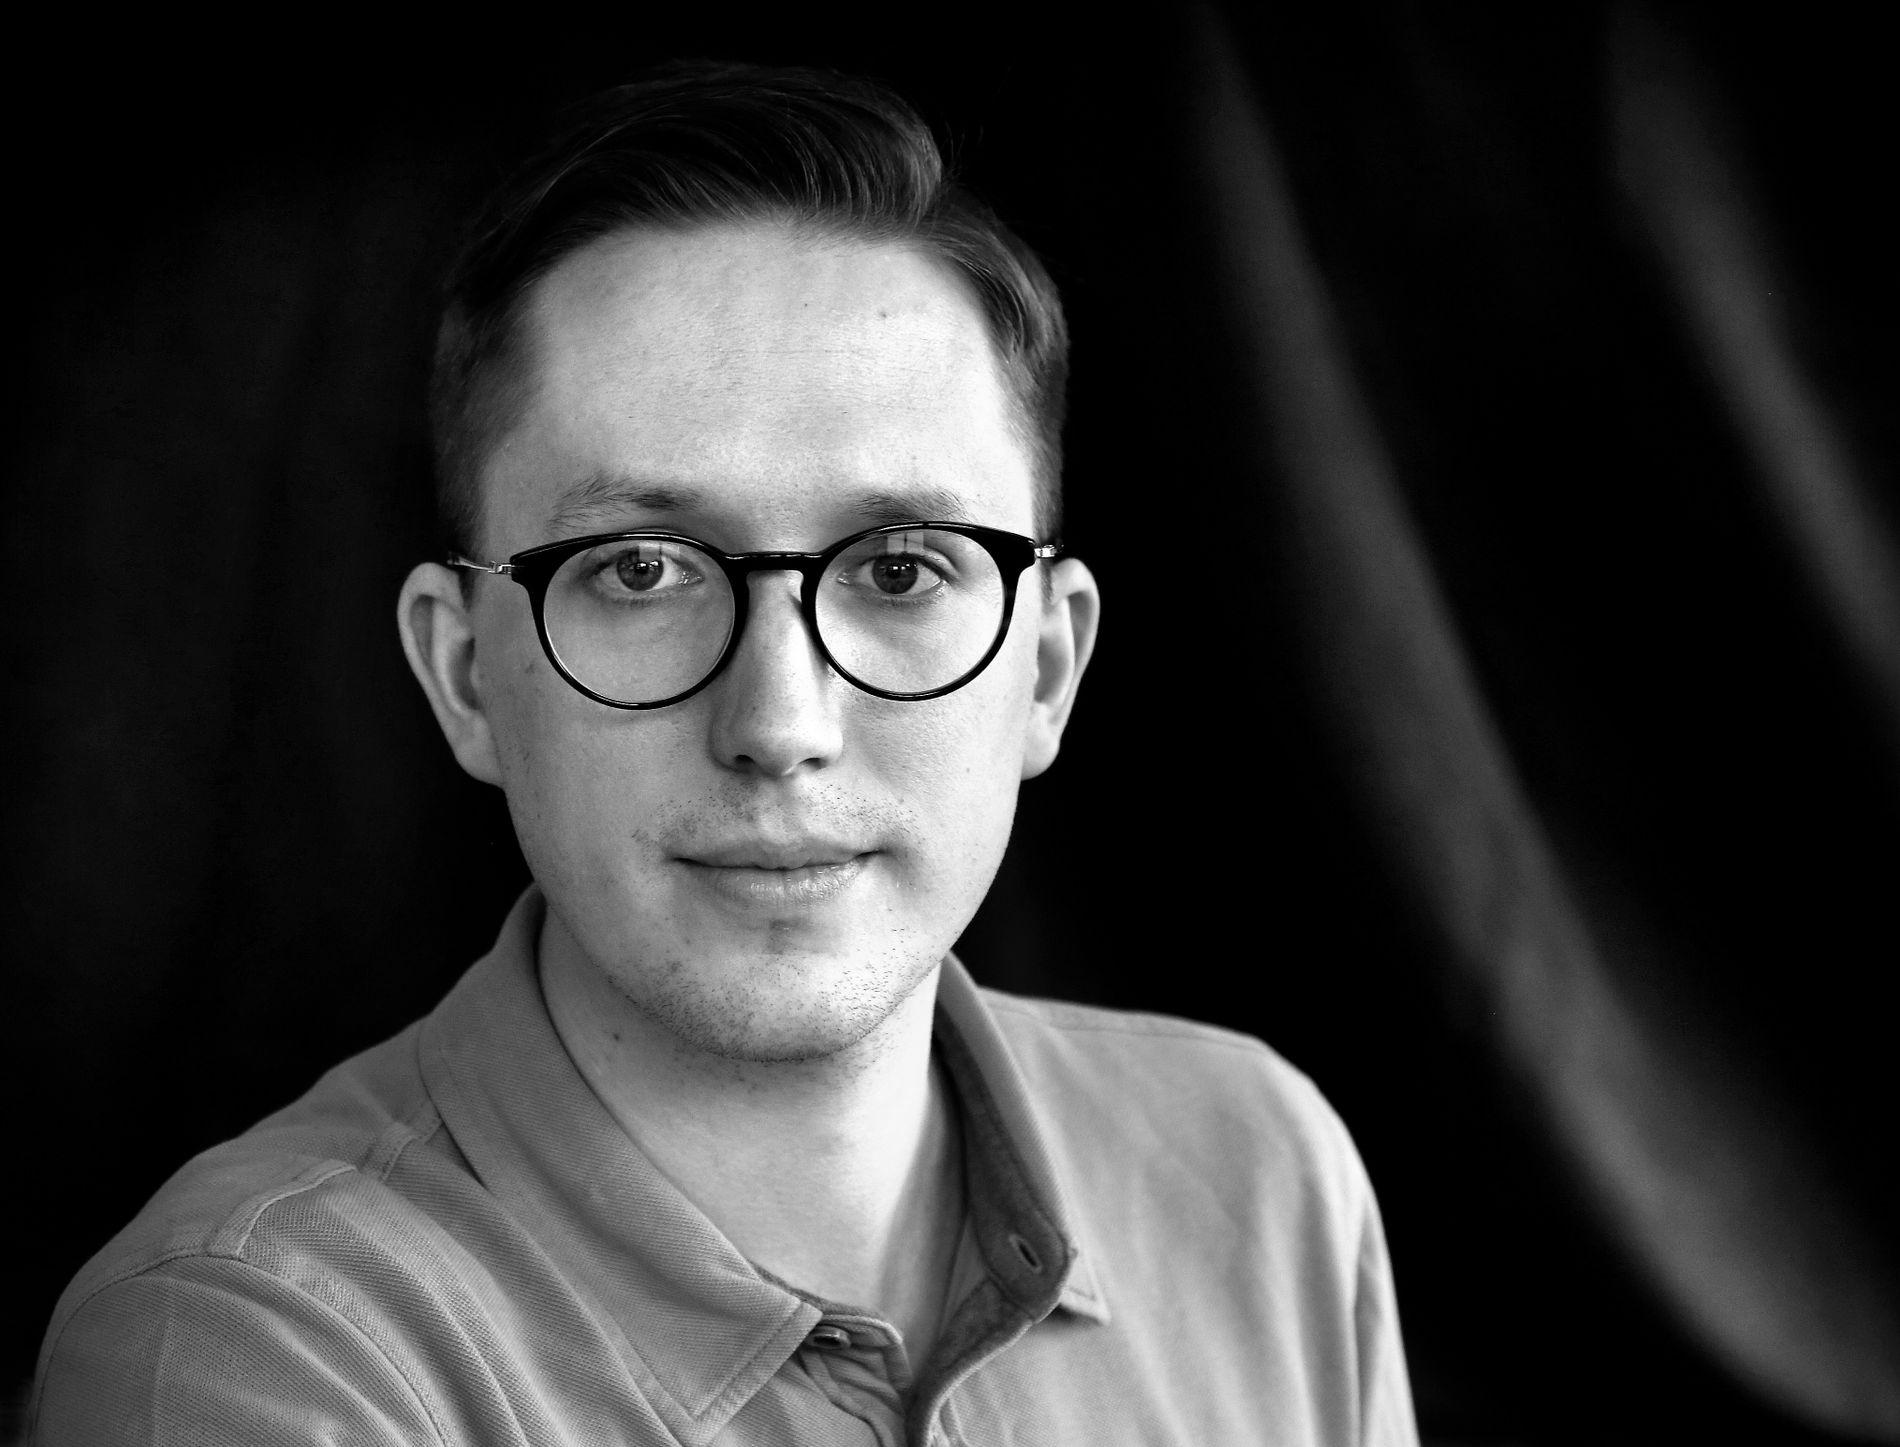 POSERER IKKE: Høyre-politiker Kristian Tonning Riise skrev i Dagbladet at han ikke ble politiker for å få «retweets av moralposører».